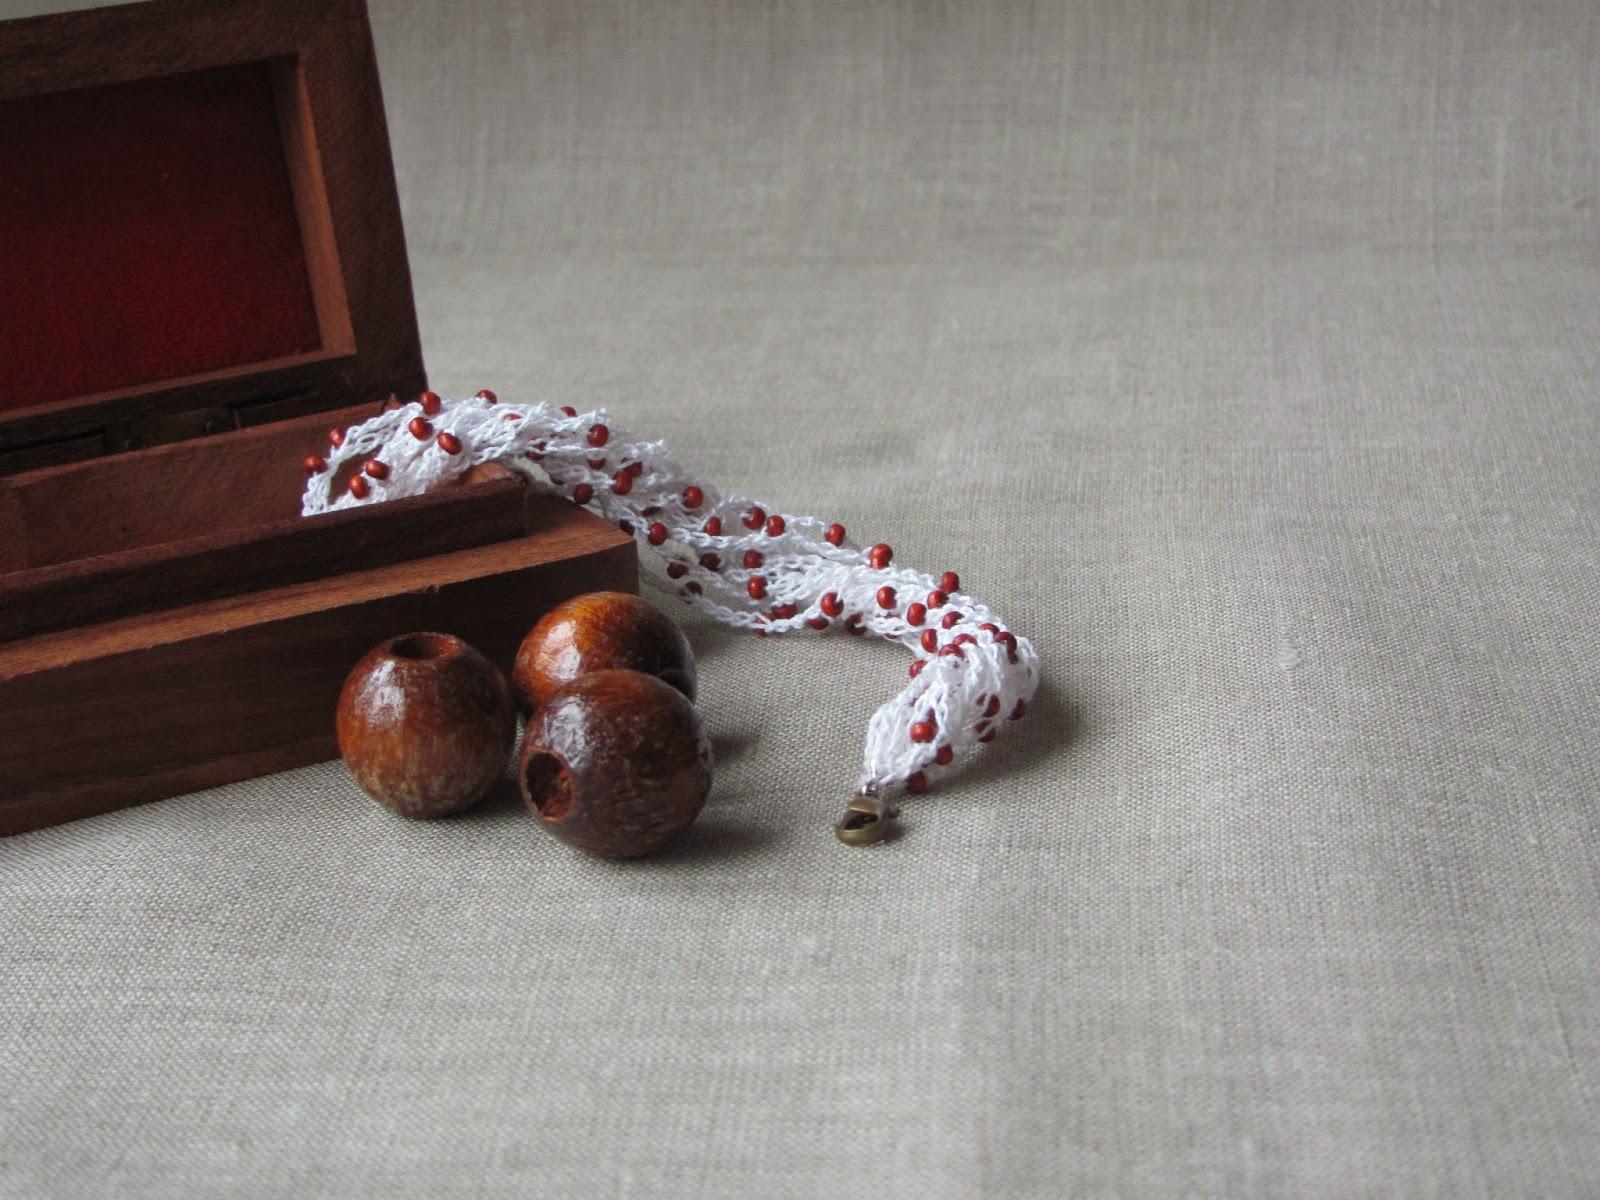 Бижутерия, аксессуары, купить брошь, брошка, брошка из ткани, брошь ручной работы, красивая брошь, брошки, оригинальный подарок, ажурная брошь, подарок девушке женщине, брошь атласная, цветочная брошь, брошь в форме цветка, текстильная брошь, текстильные бусы, ожерелье своими руками, ручная работа, слингобусы , вязаные бусы, браслет, текстильный браслет, ручная работа, красивый браслет, летнее украшение